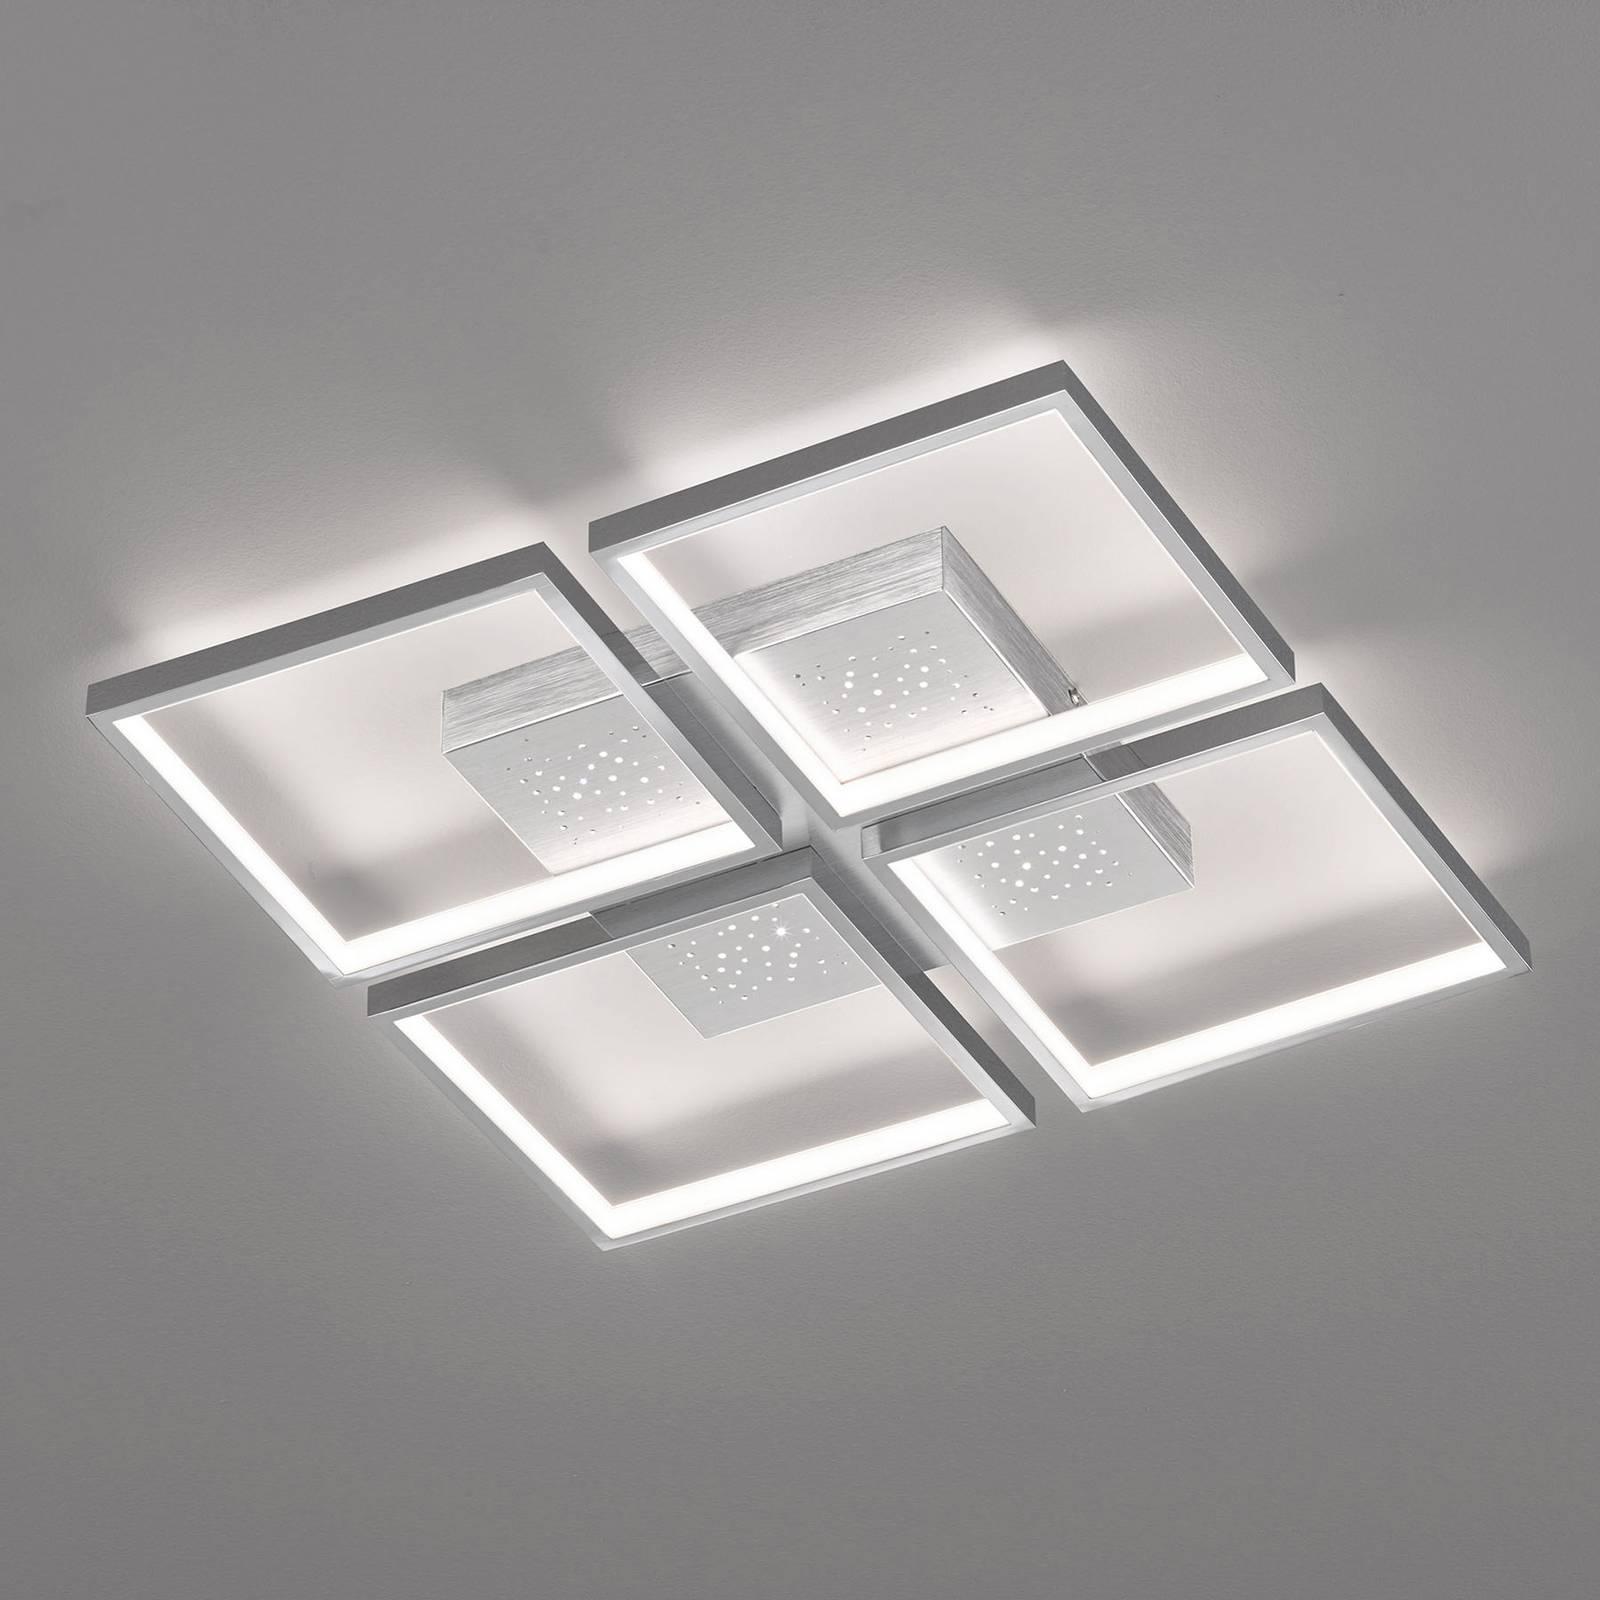 Lampa sufitowa LED Pix aluminium, 4-pkt., 54x54cm